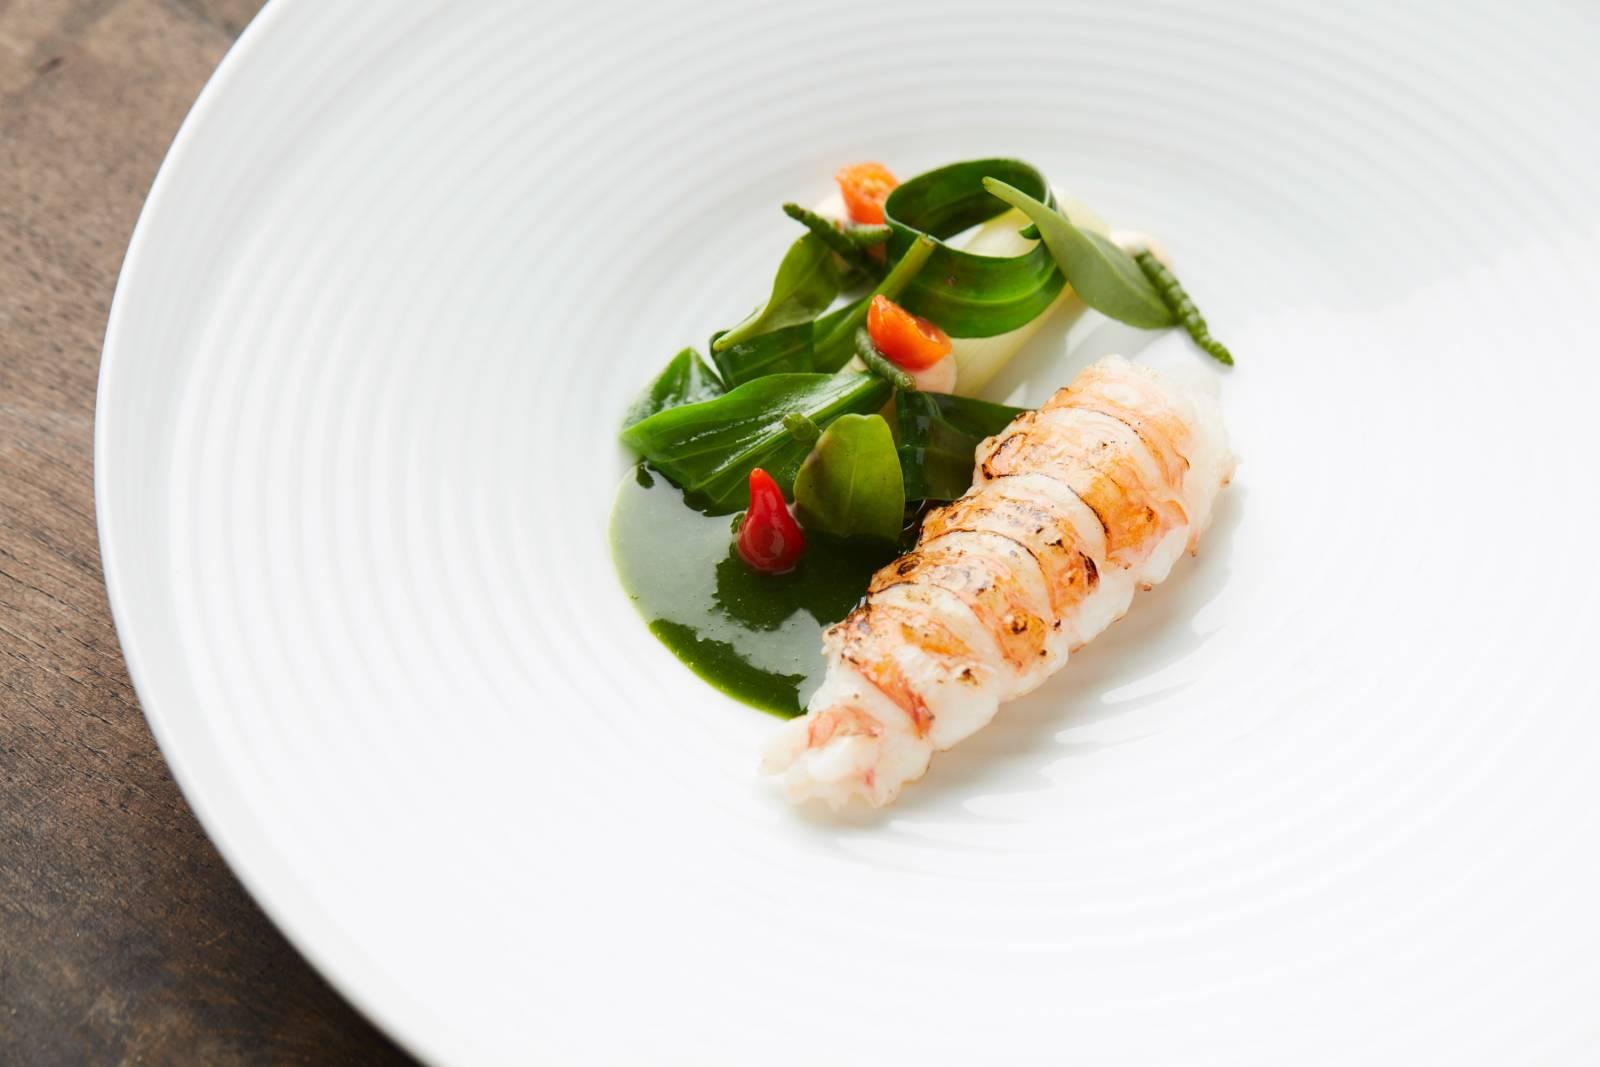 Atelier Ducheyne - Catering - Traiteur - Cateraar - House of Weddings - 11